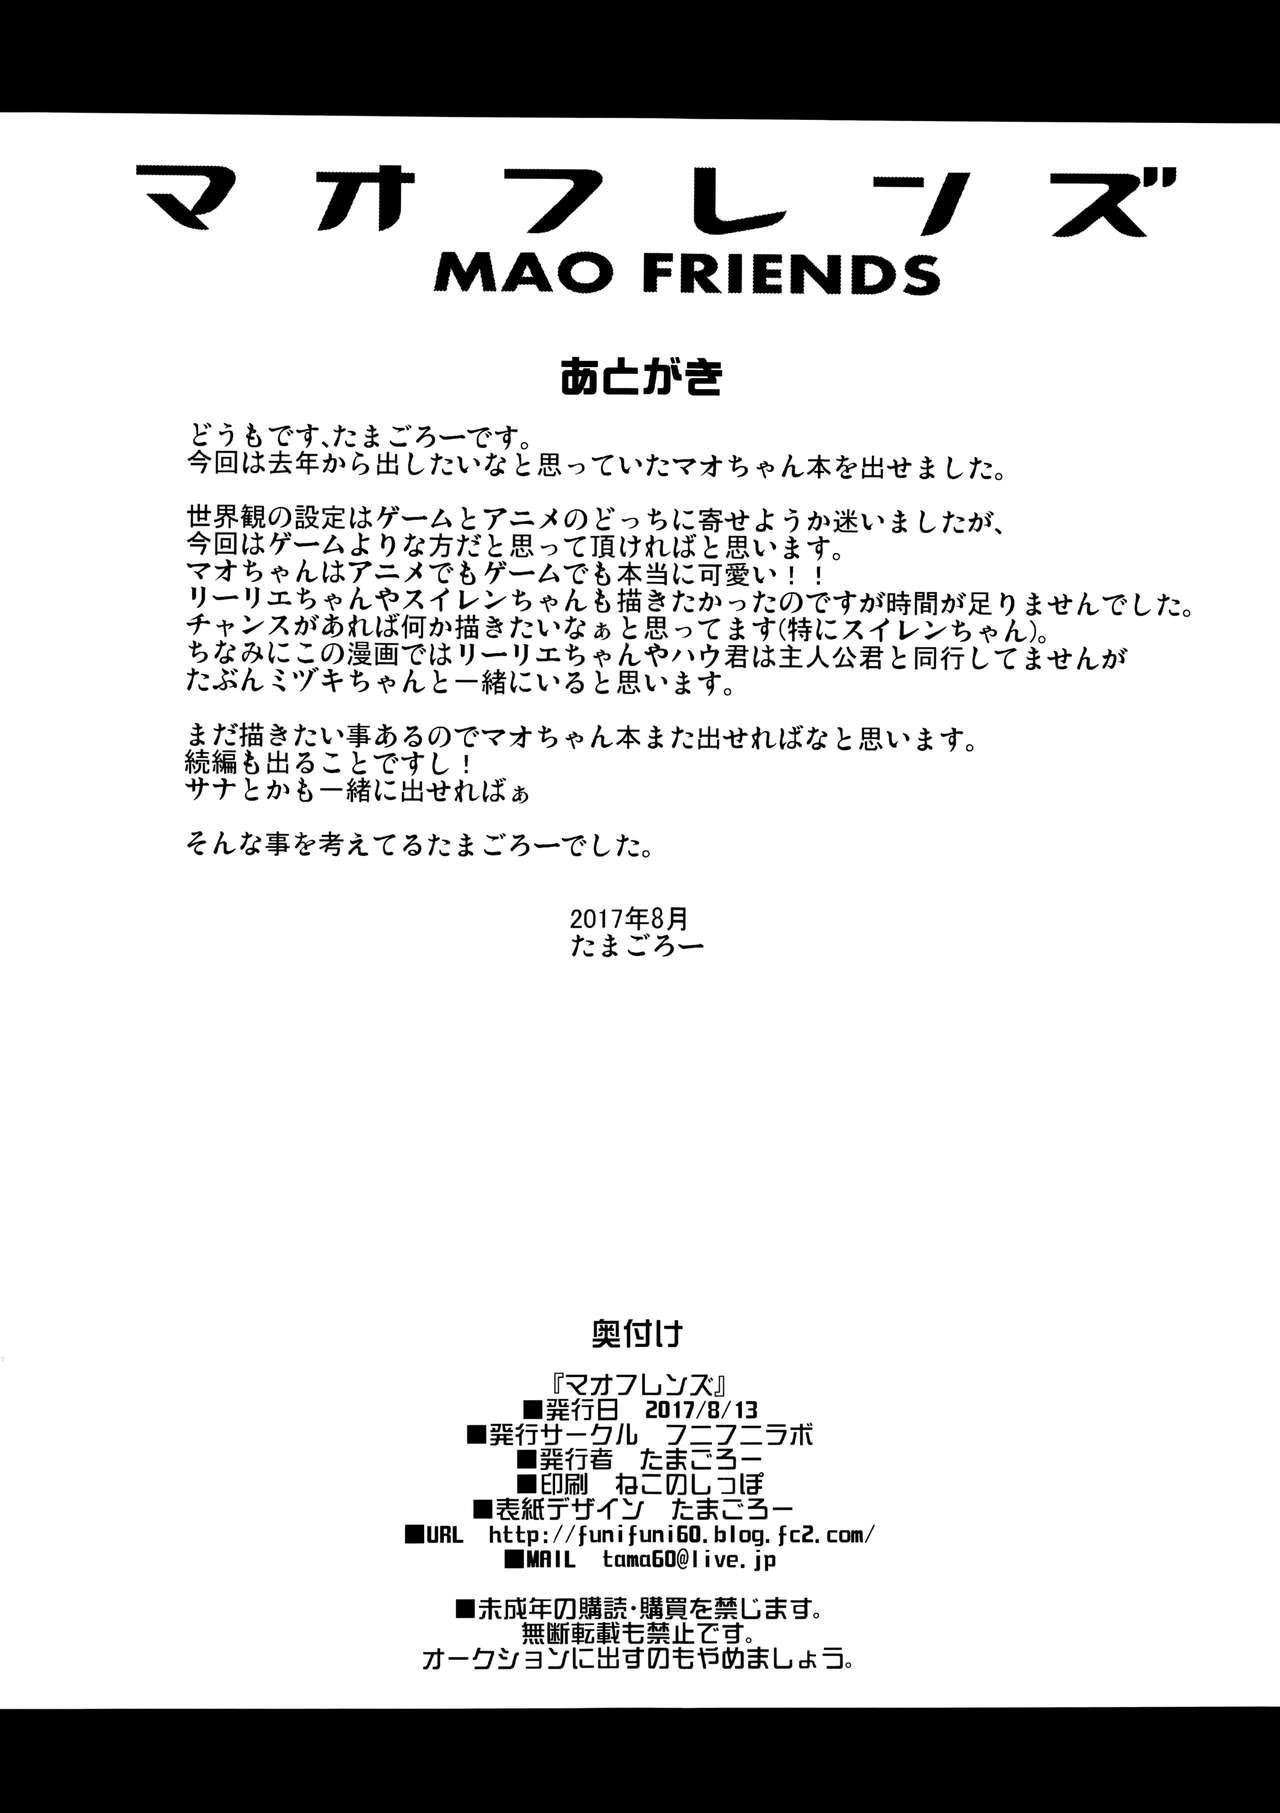 MAO FRIENDS 24